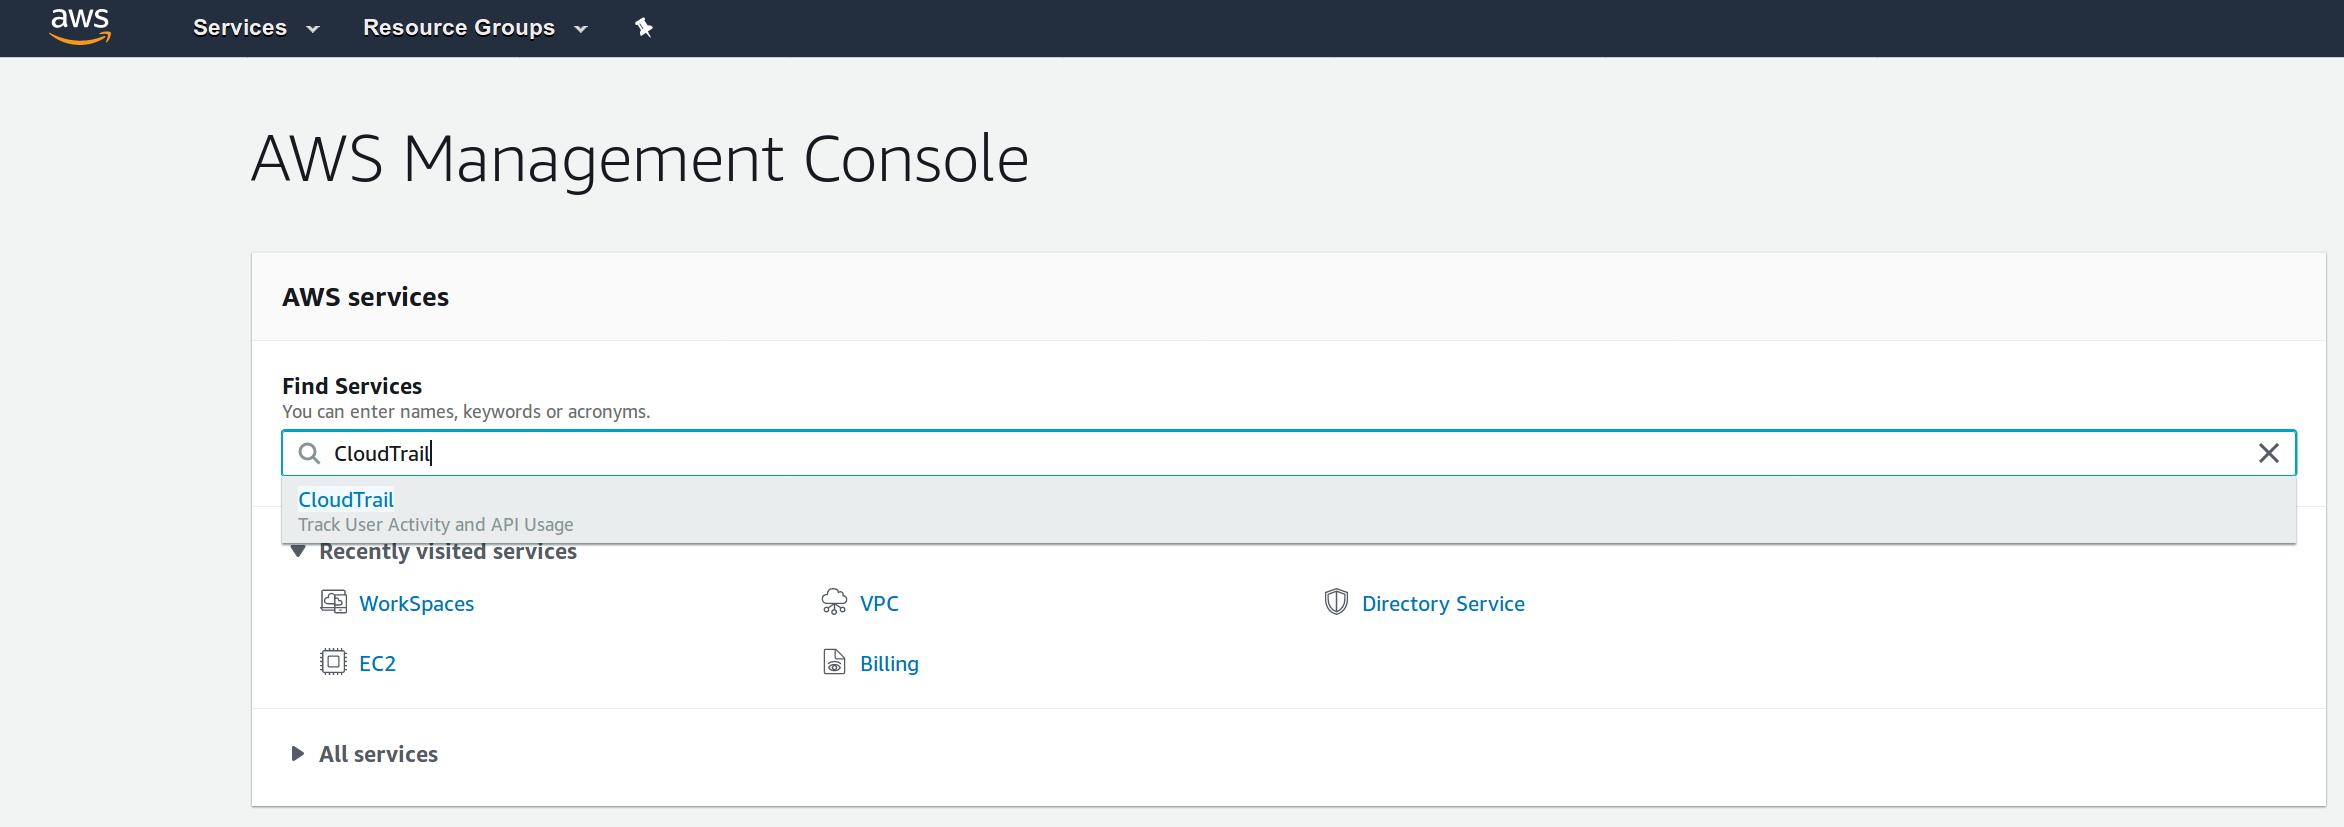 AWS Web Console Main Dashboard screenshot